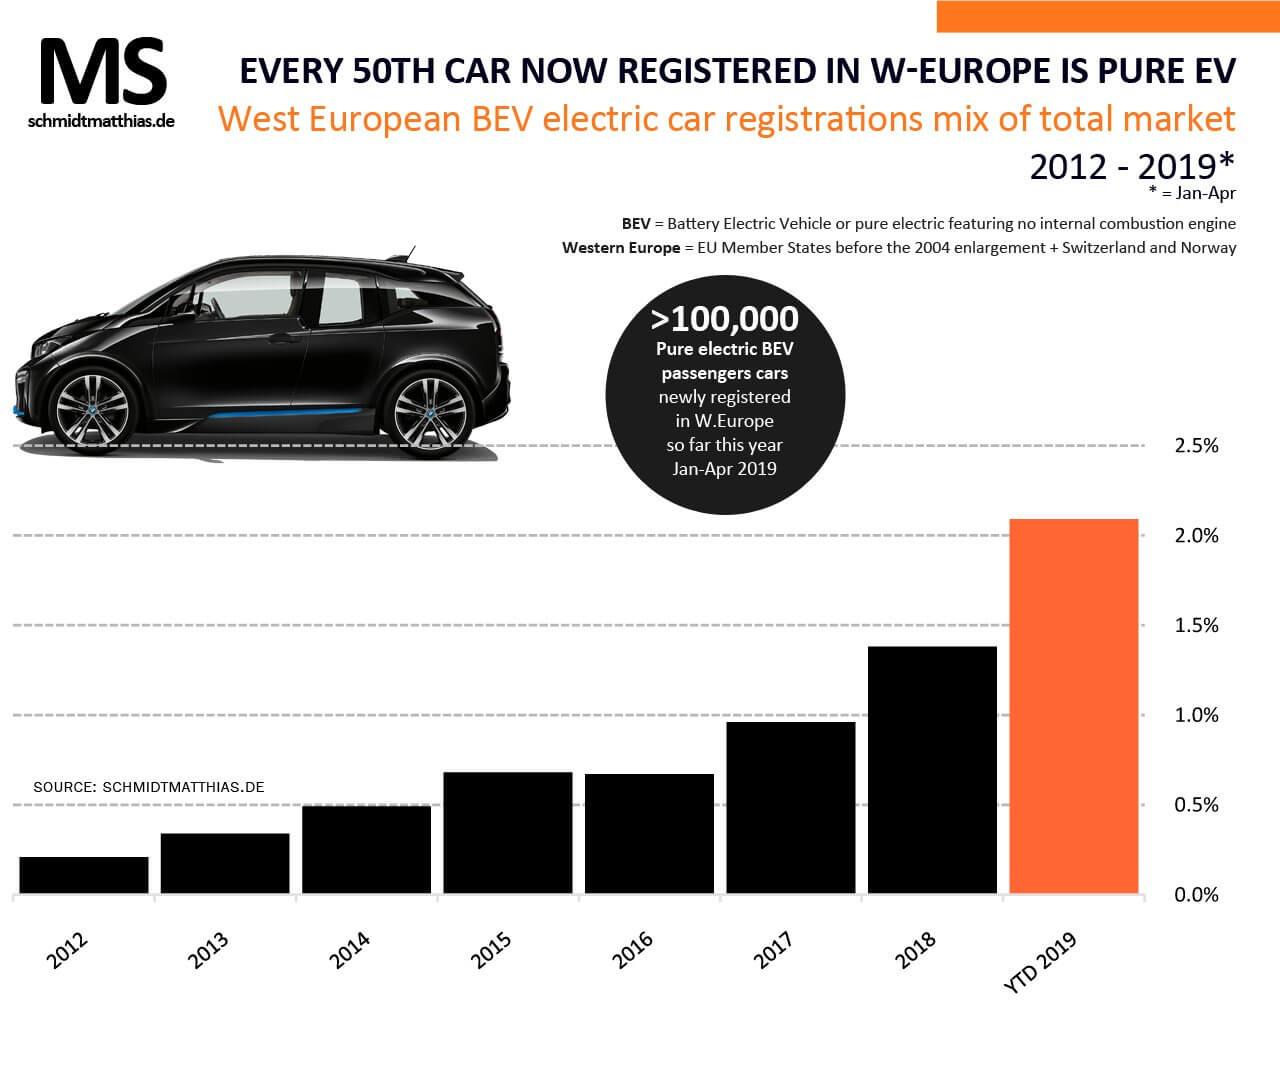 Текущая доля электромобилей на рынке Западной Европы